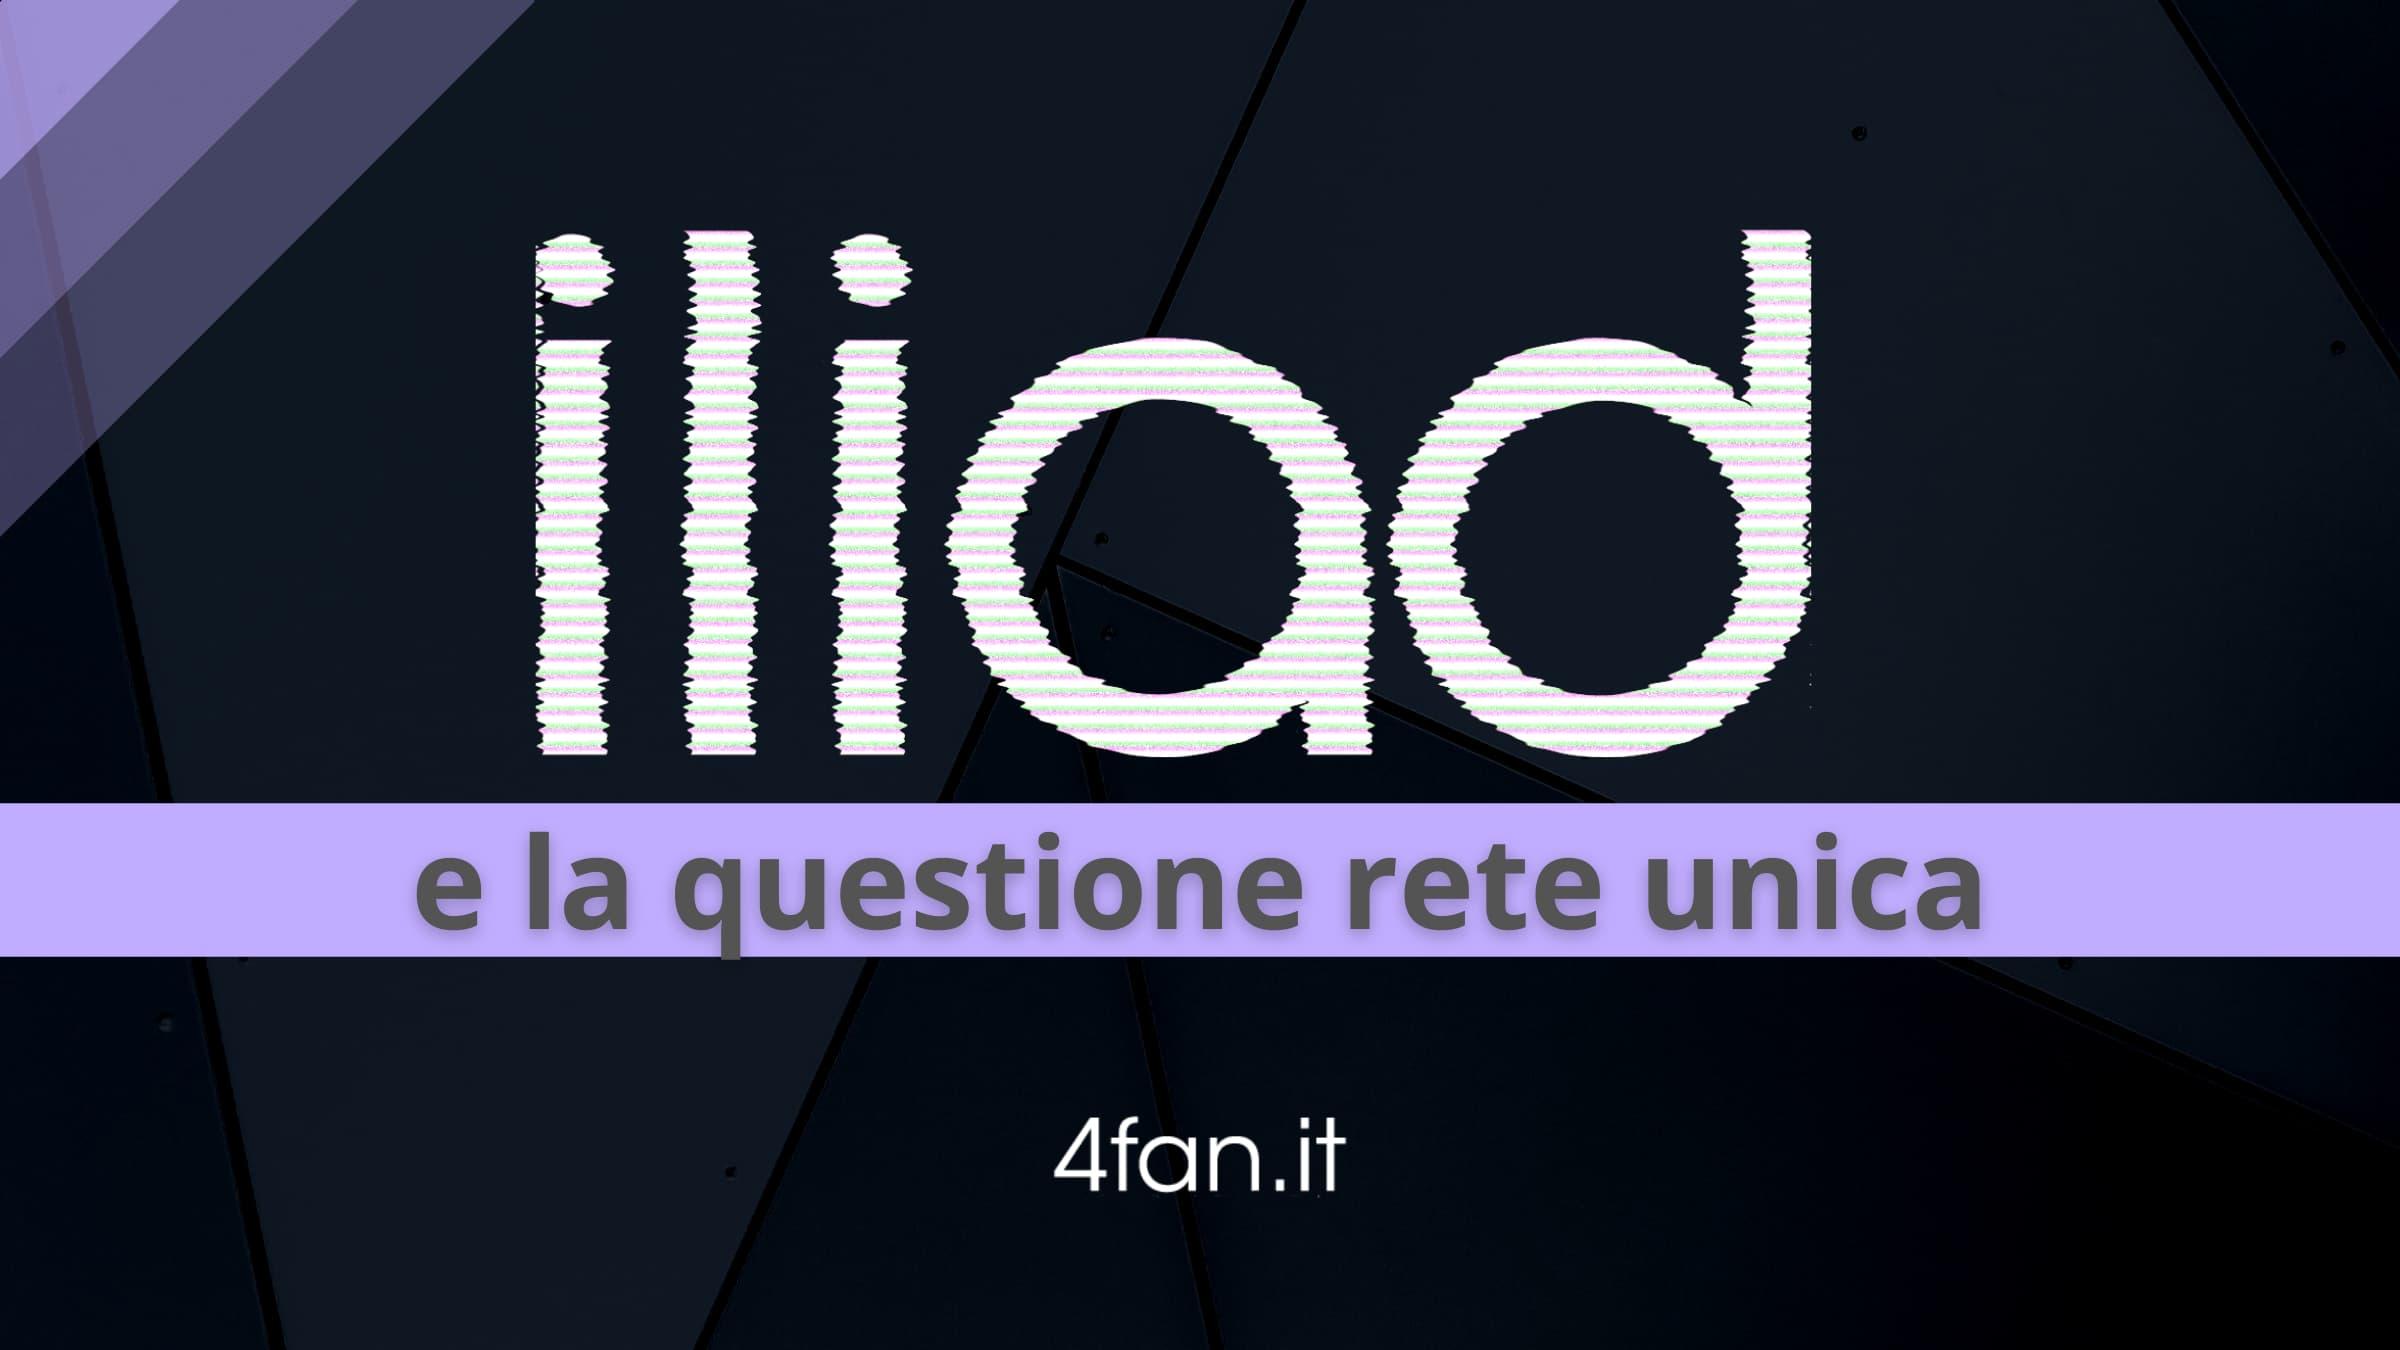 Iliad e la questione rete unica